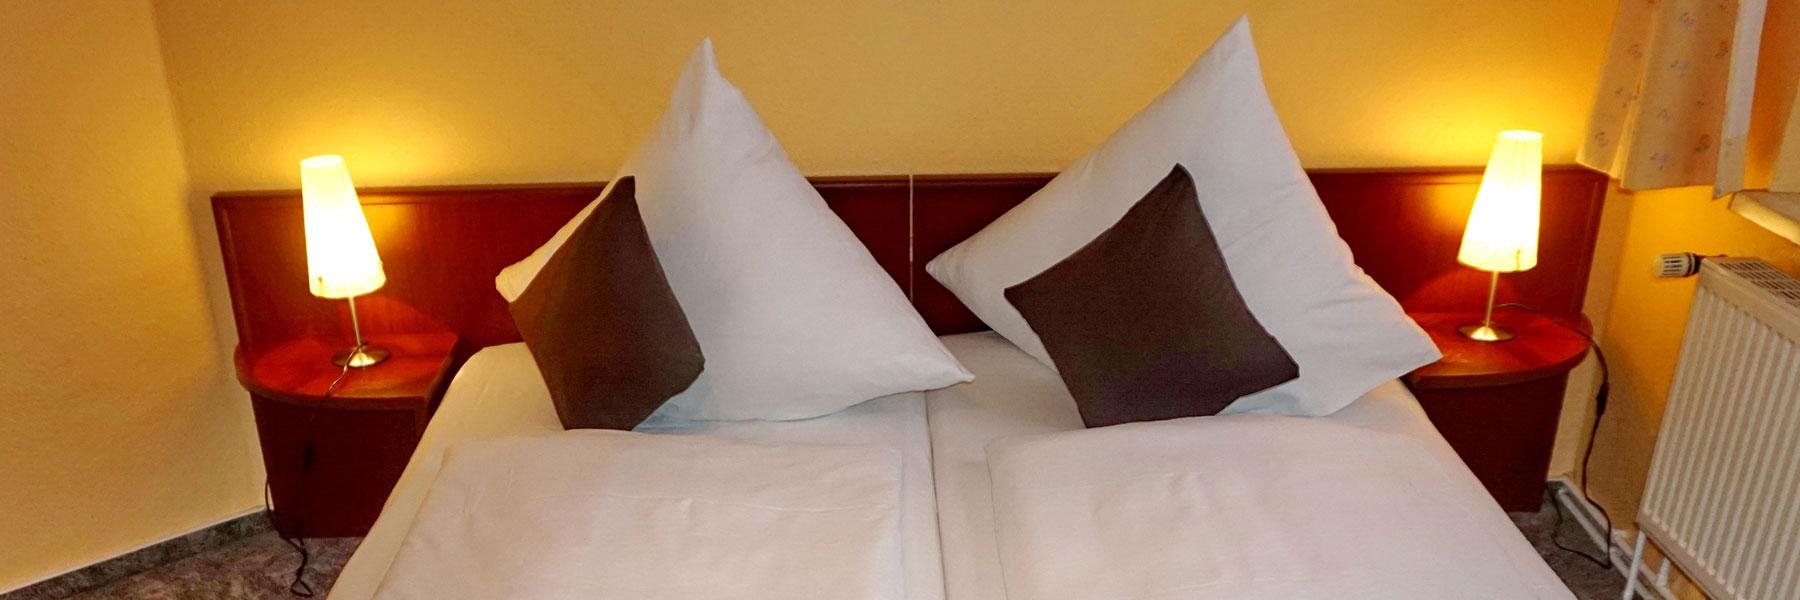 Doppelbett - Gaststätte & Pension Am Wiesengrund